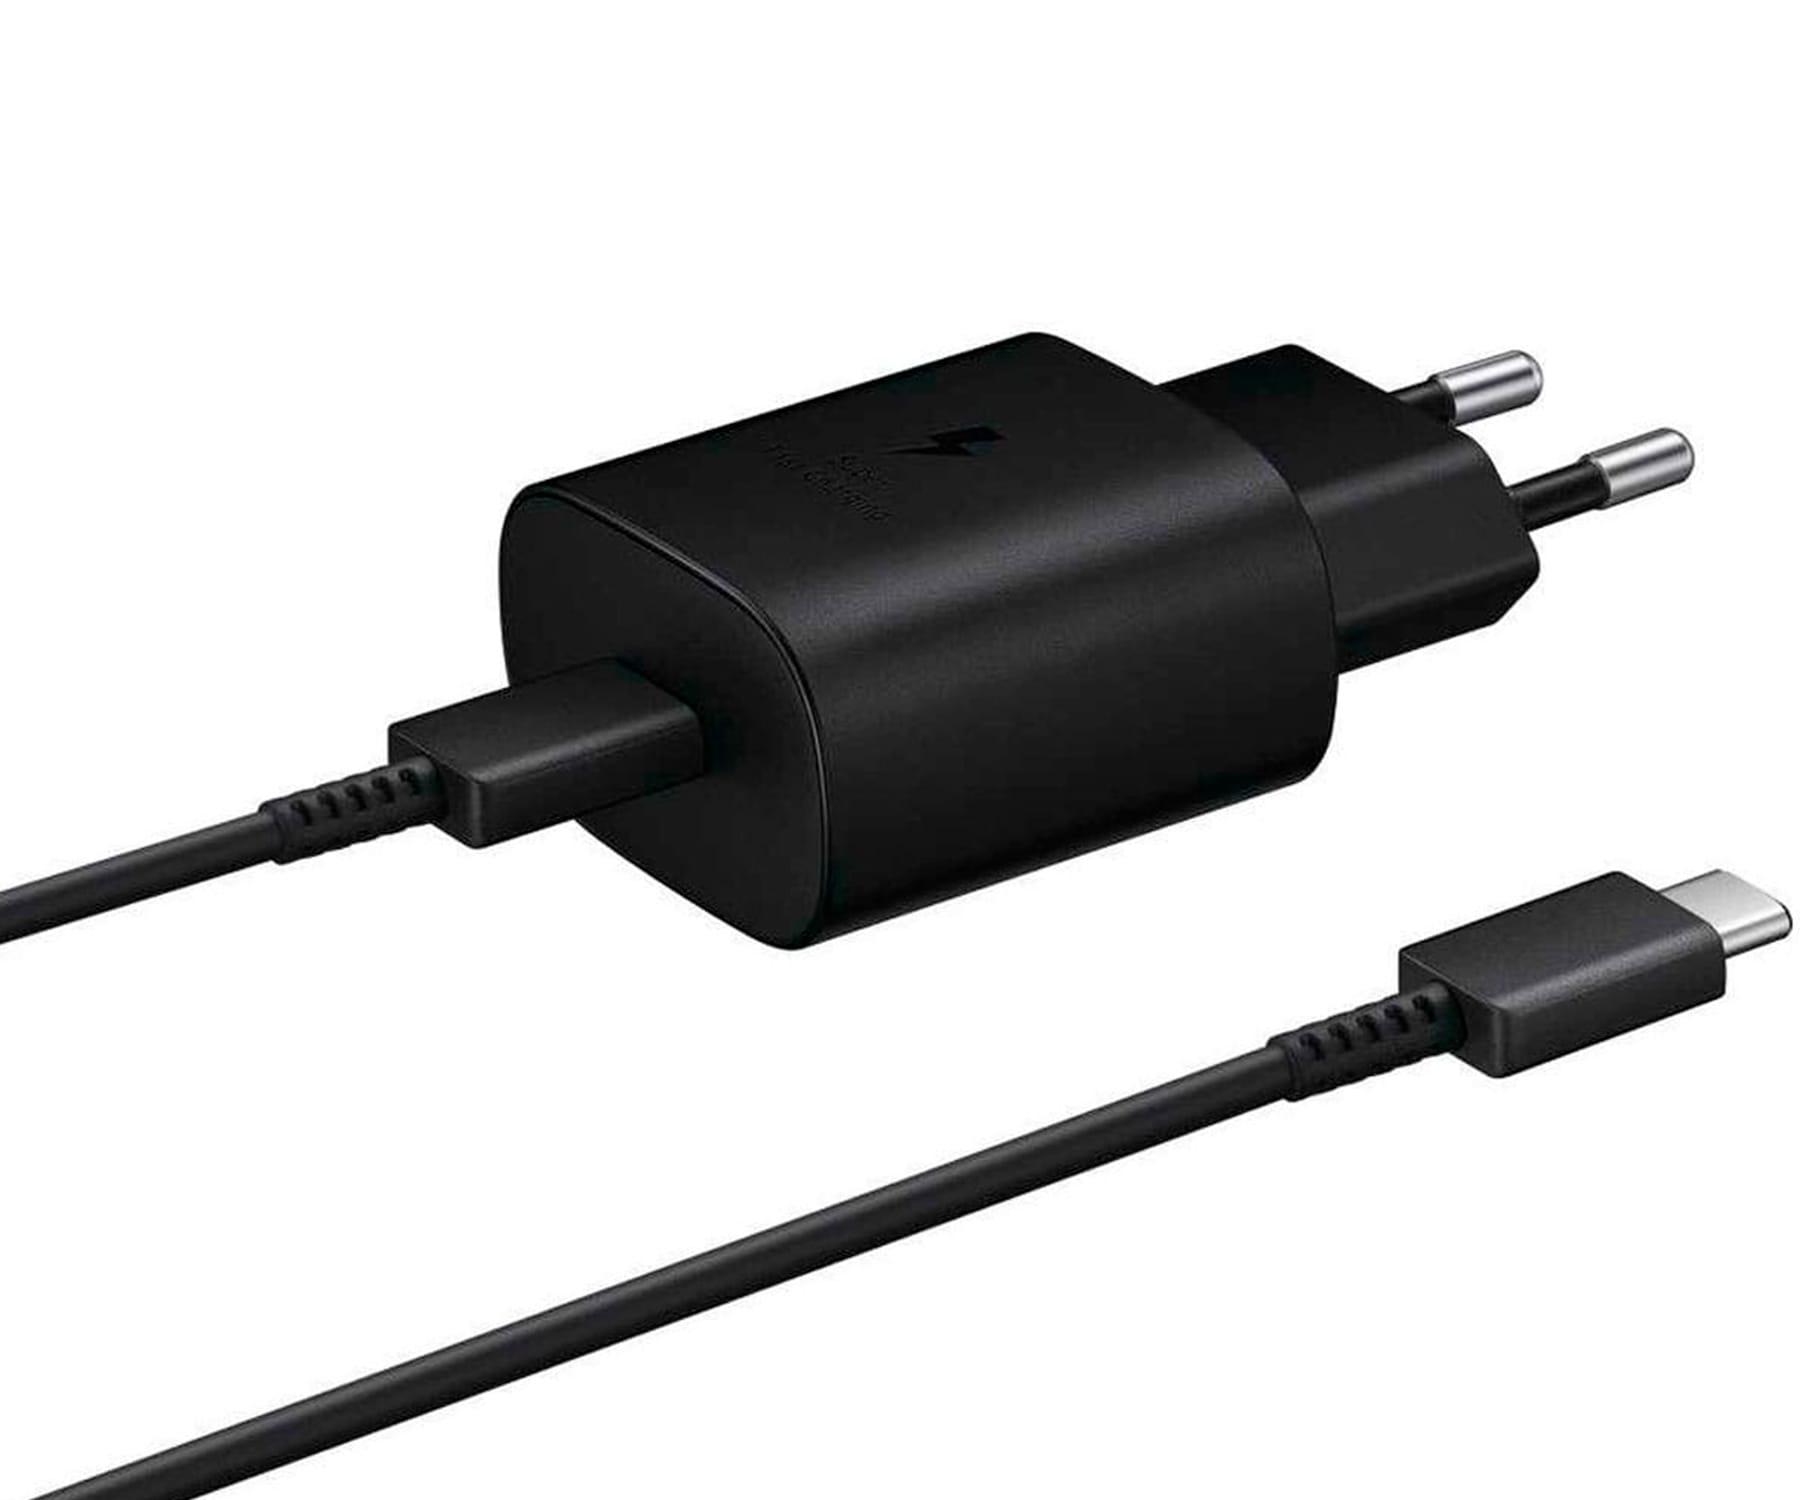 SAMSUNG EP-TA800XBEGWW NEGRO CARGADOR PARED USB SUPER FAST CHARGING 25W